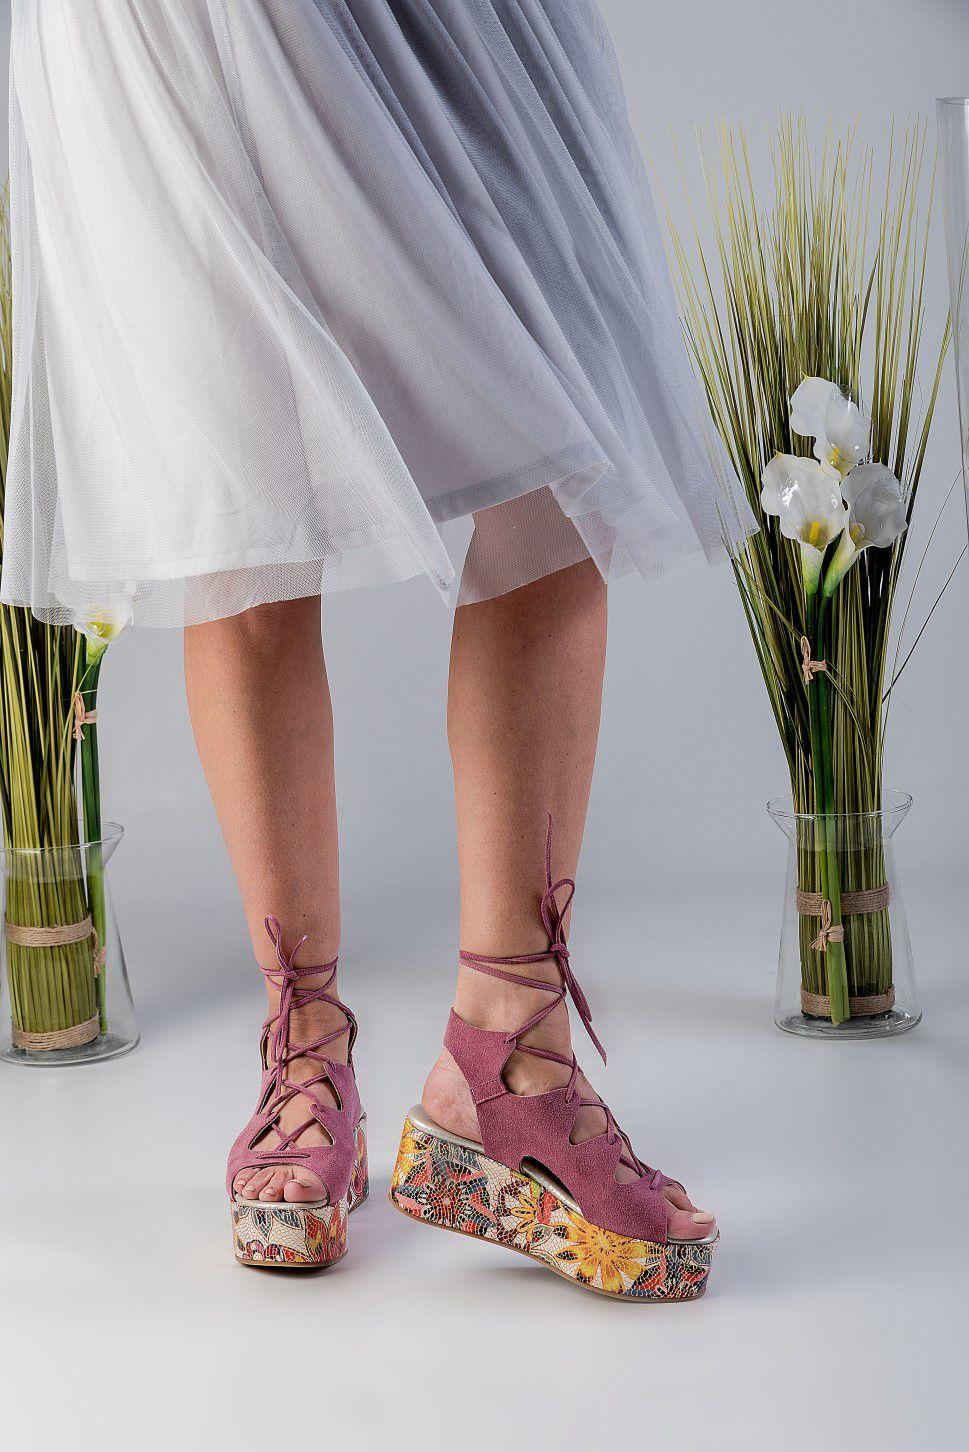 Sandale koje se posljednjih nekoliko godina nalaze visoko na shopping listi